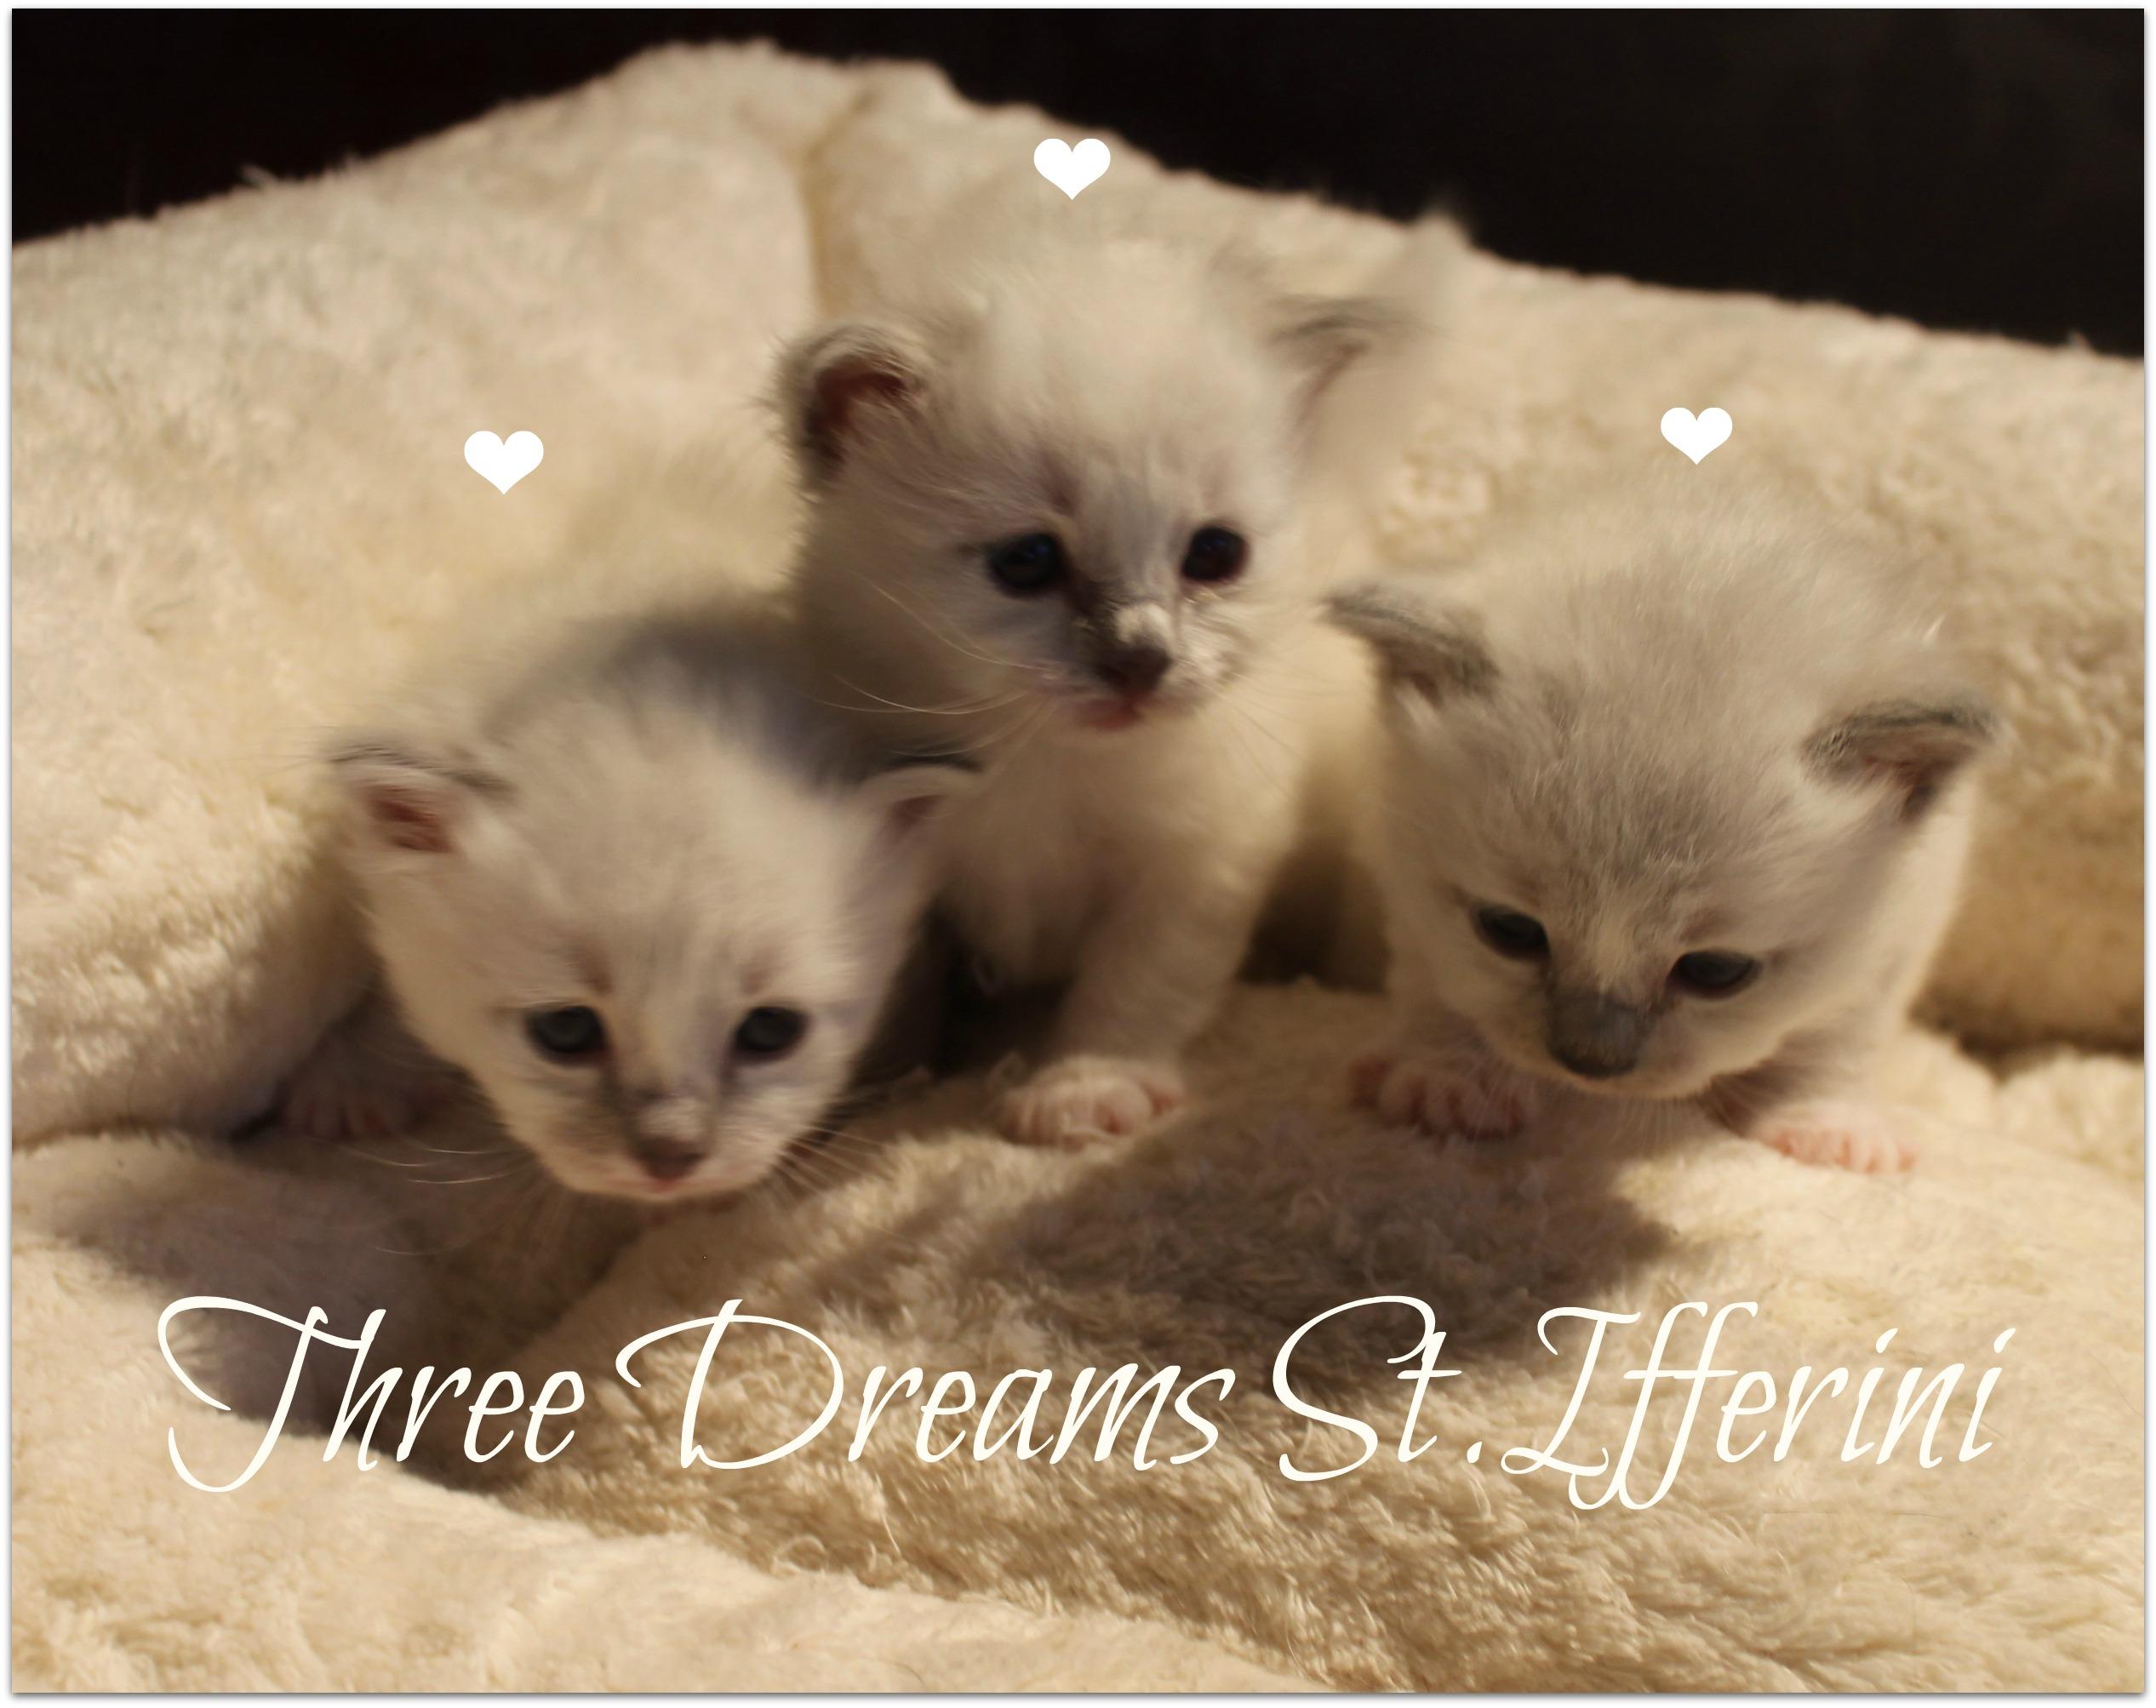 kolm3